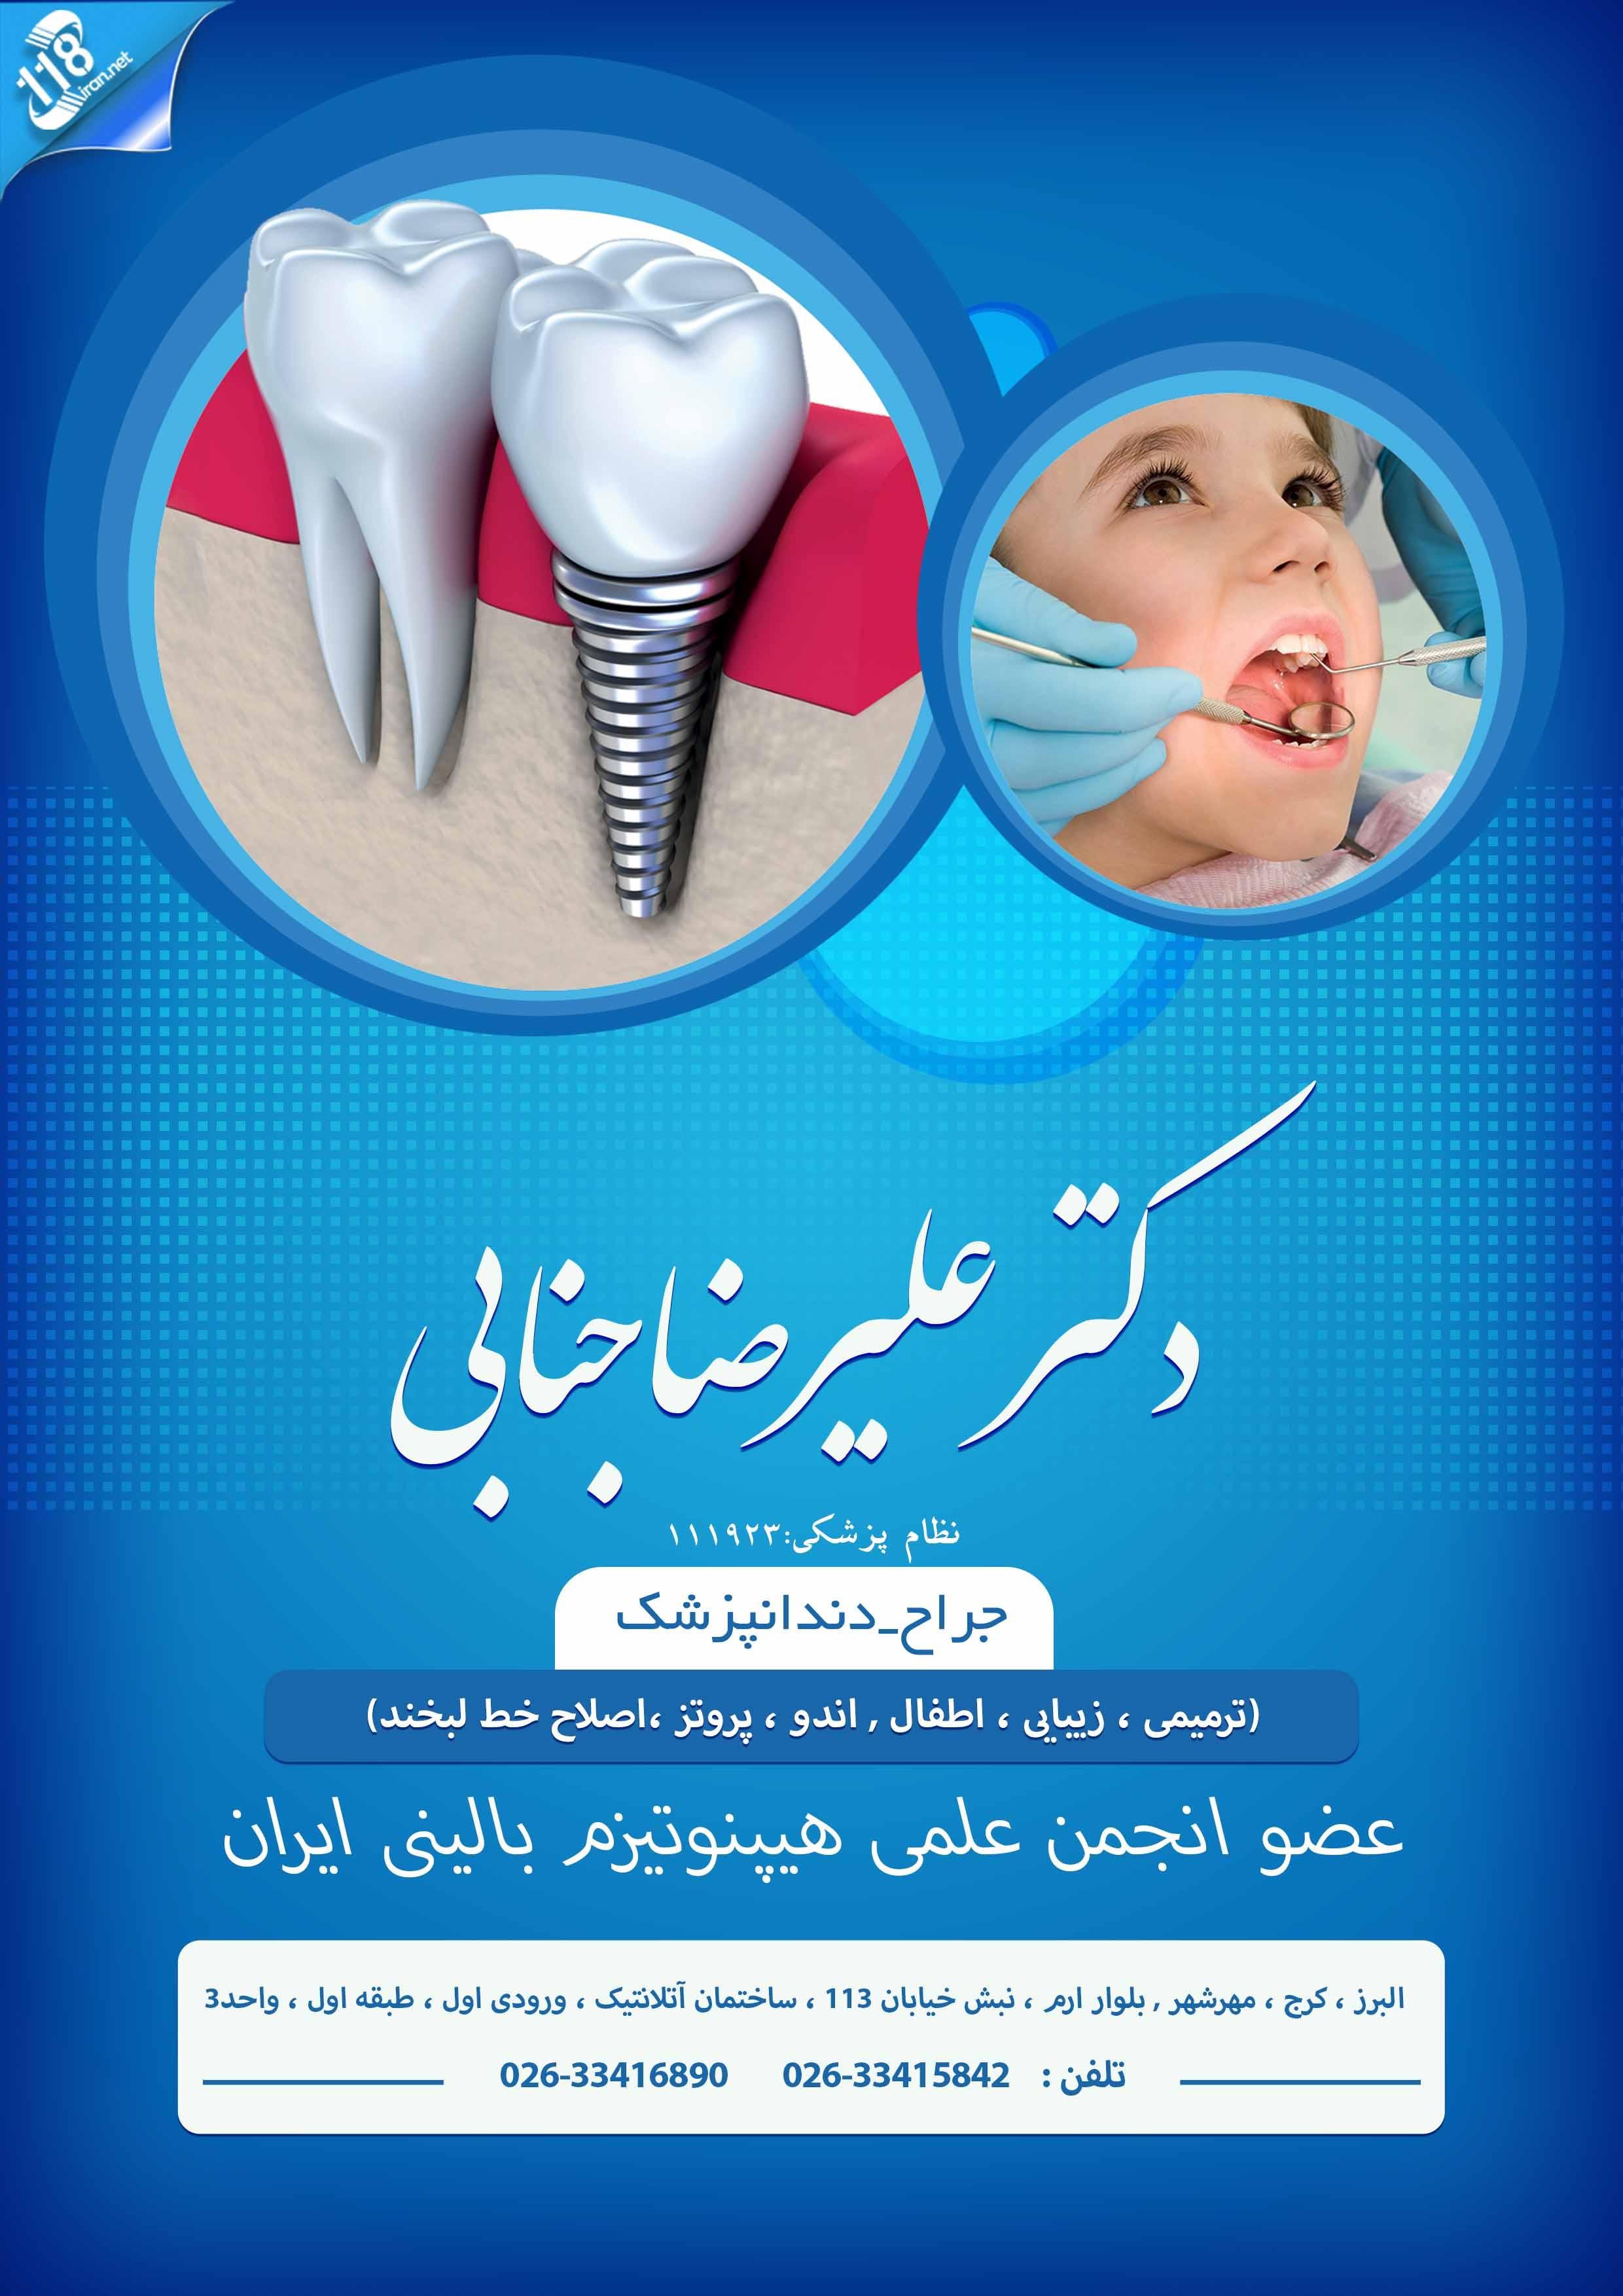 دکتر علیرضا جنابی در مهرشهر